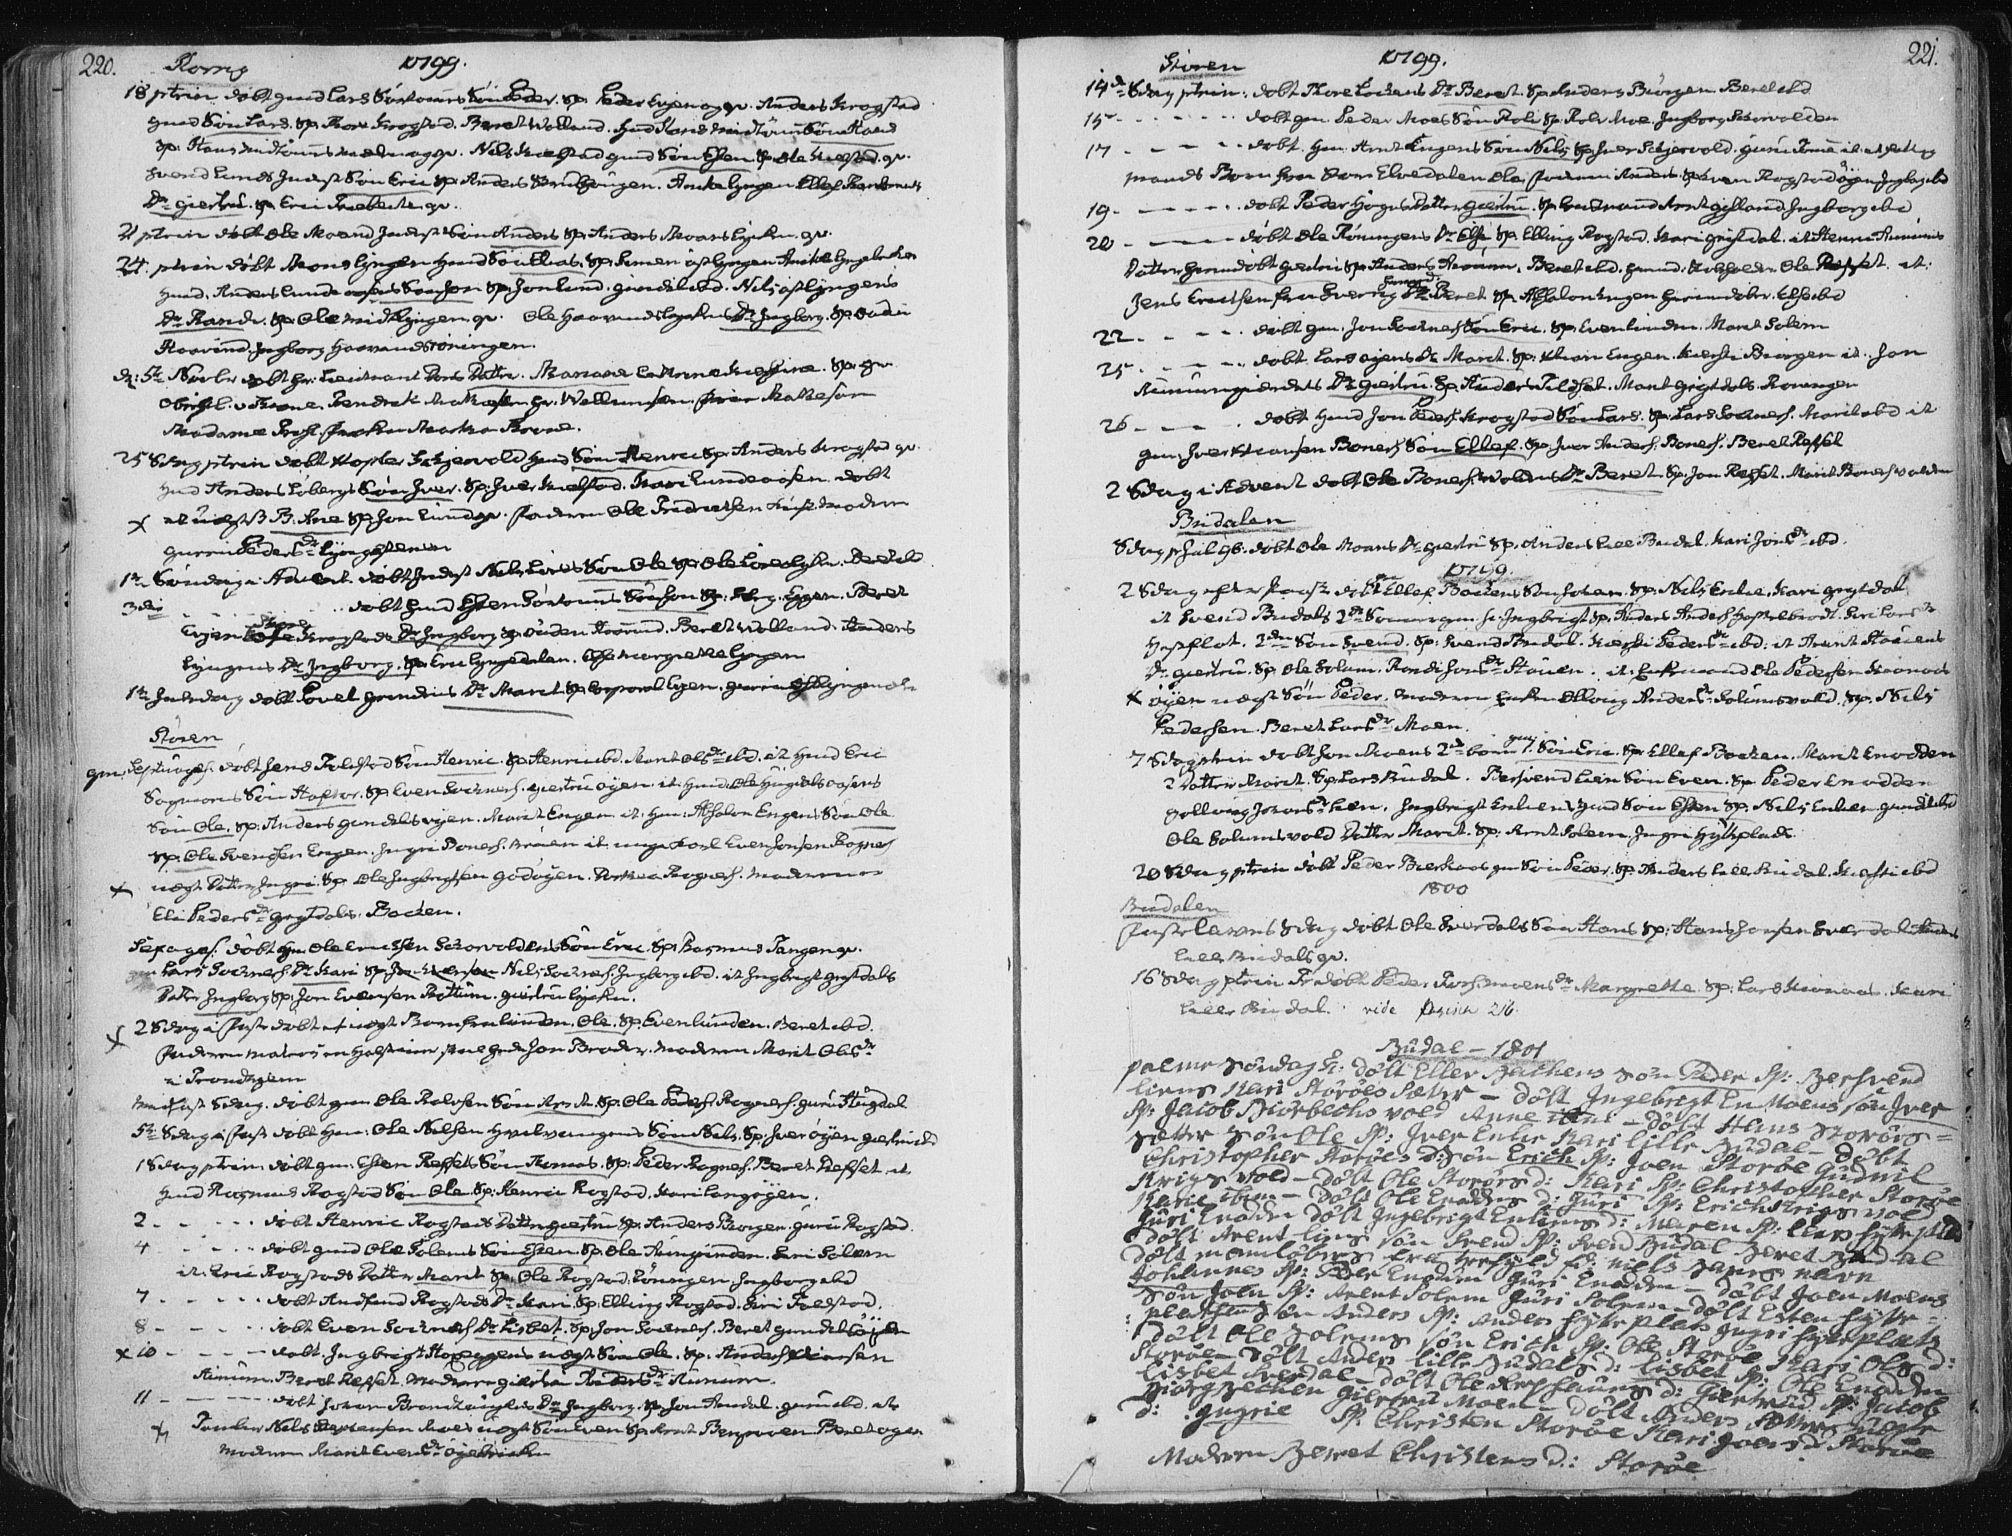 SAT, Ministerialprotokoller, klokkerbøker og fødselsregistre - Sør-Trøndelag, 687/L0992: Ministerialbok nr. 687A03 /1, 1788-1815, s. 220-221